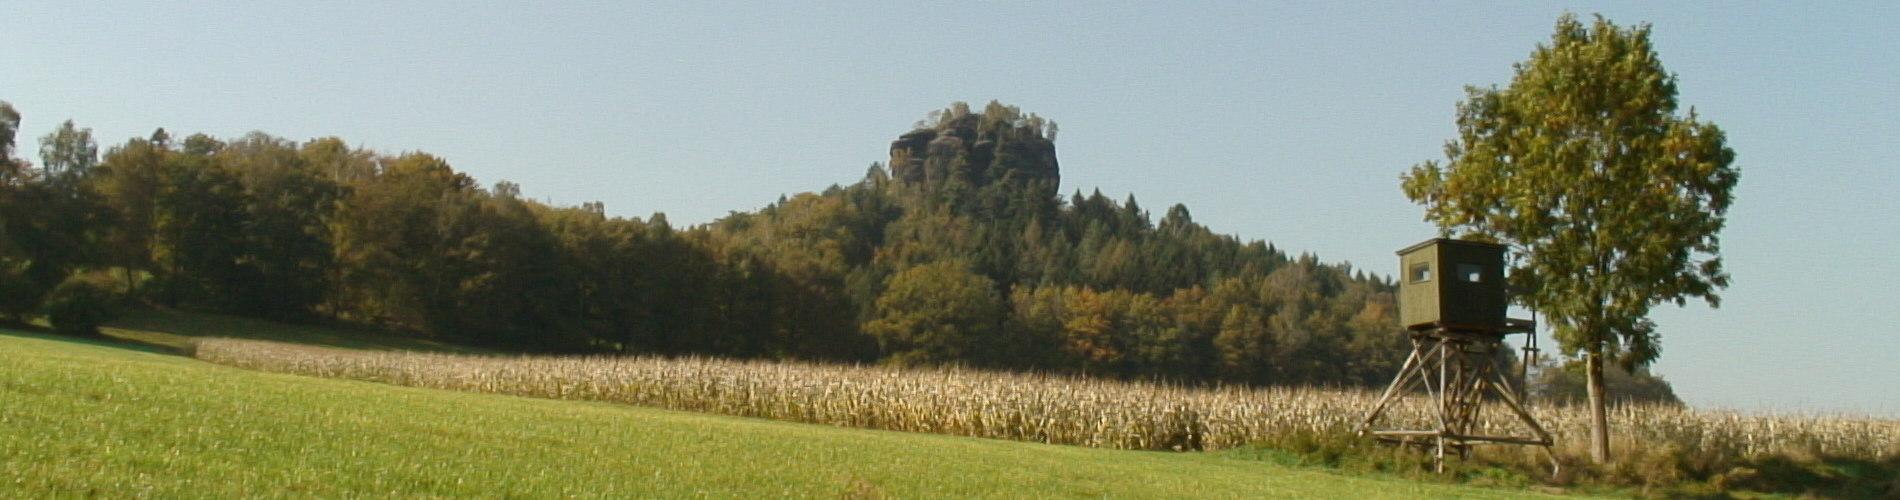 Der Zirkelstein im Spätherbst - Reinhardtsdorf-Schöna, Elbsandsteingebirge